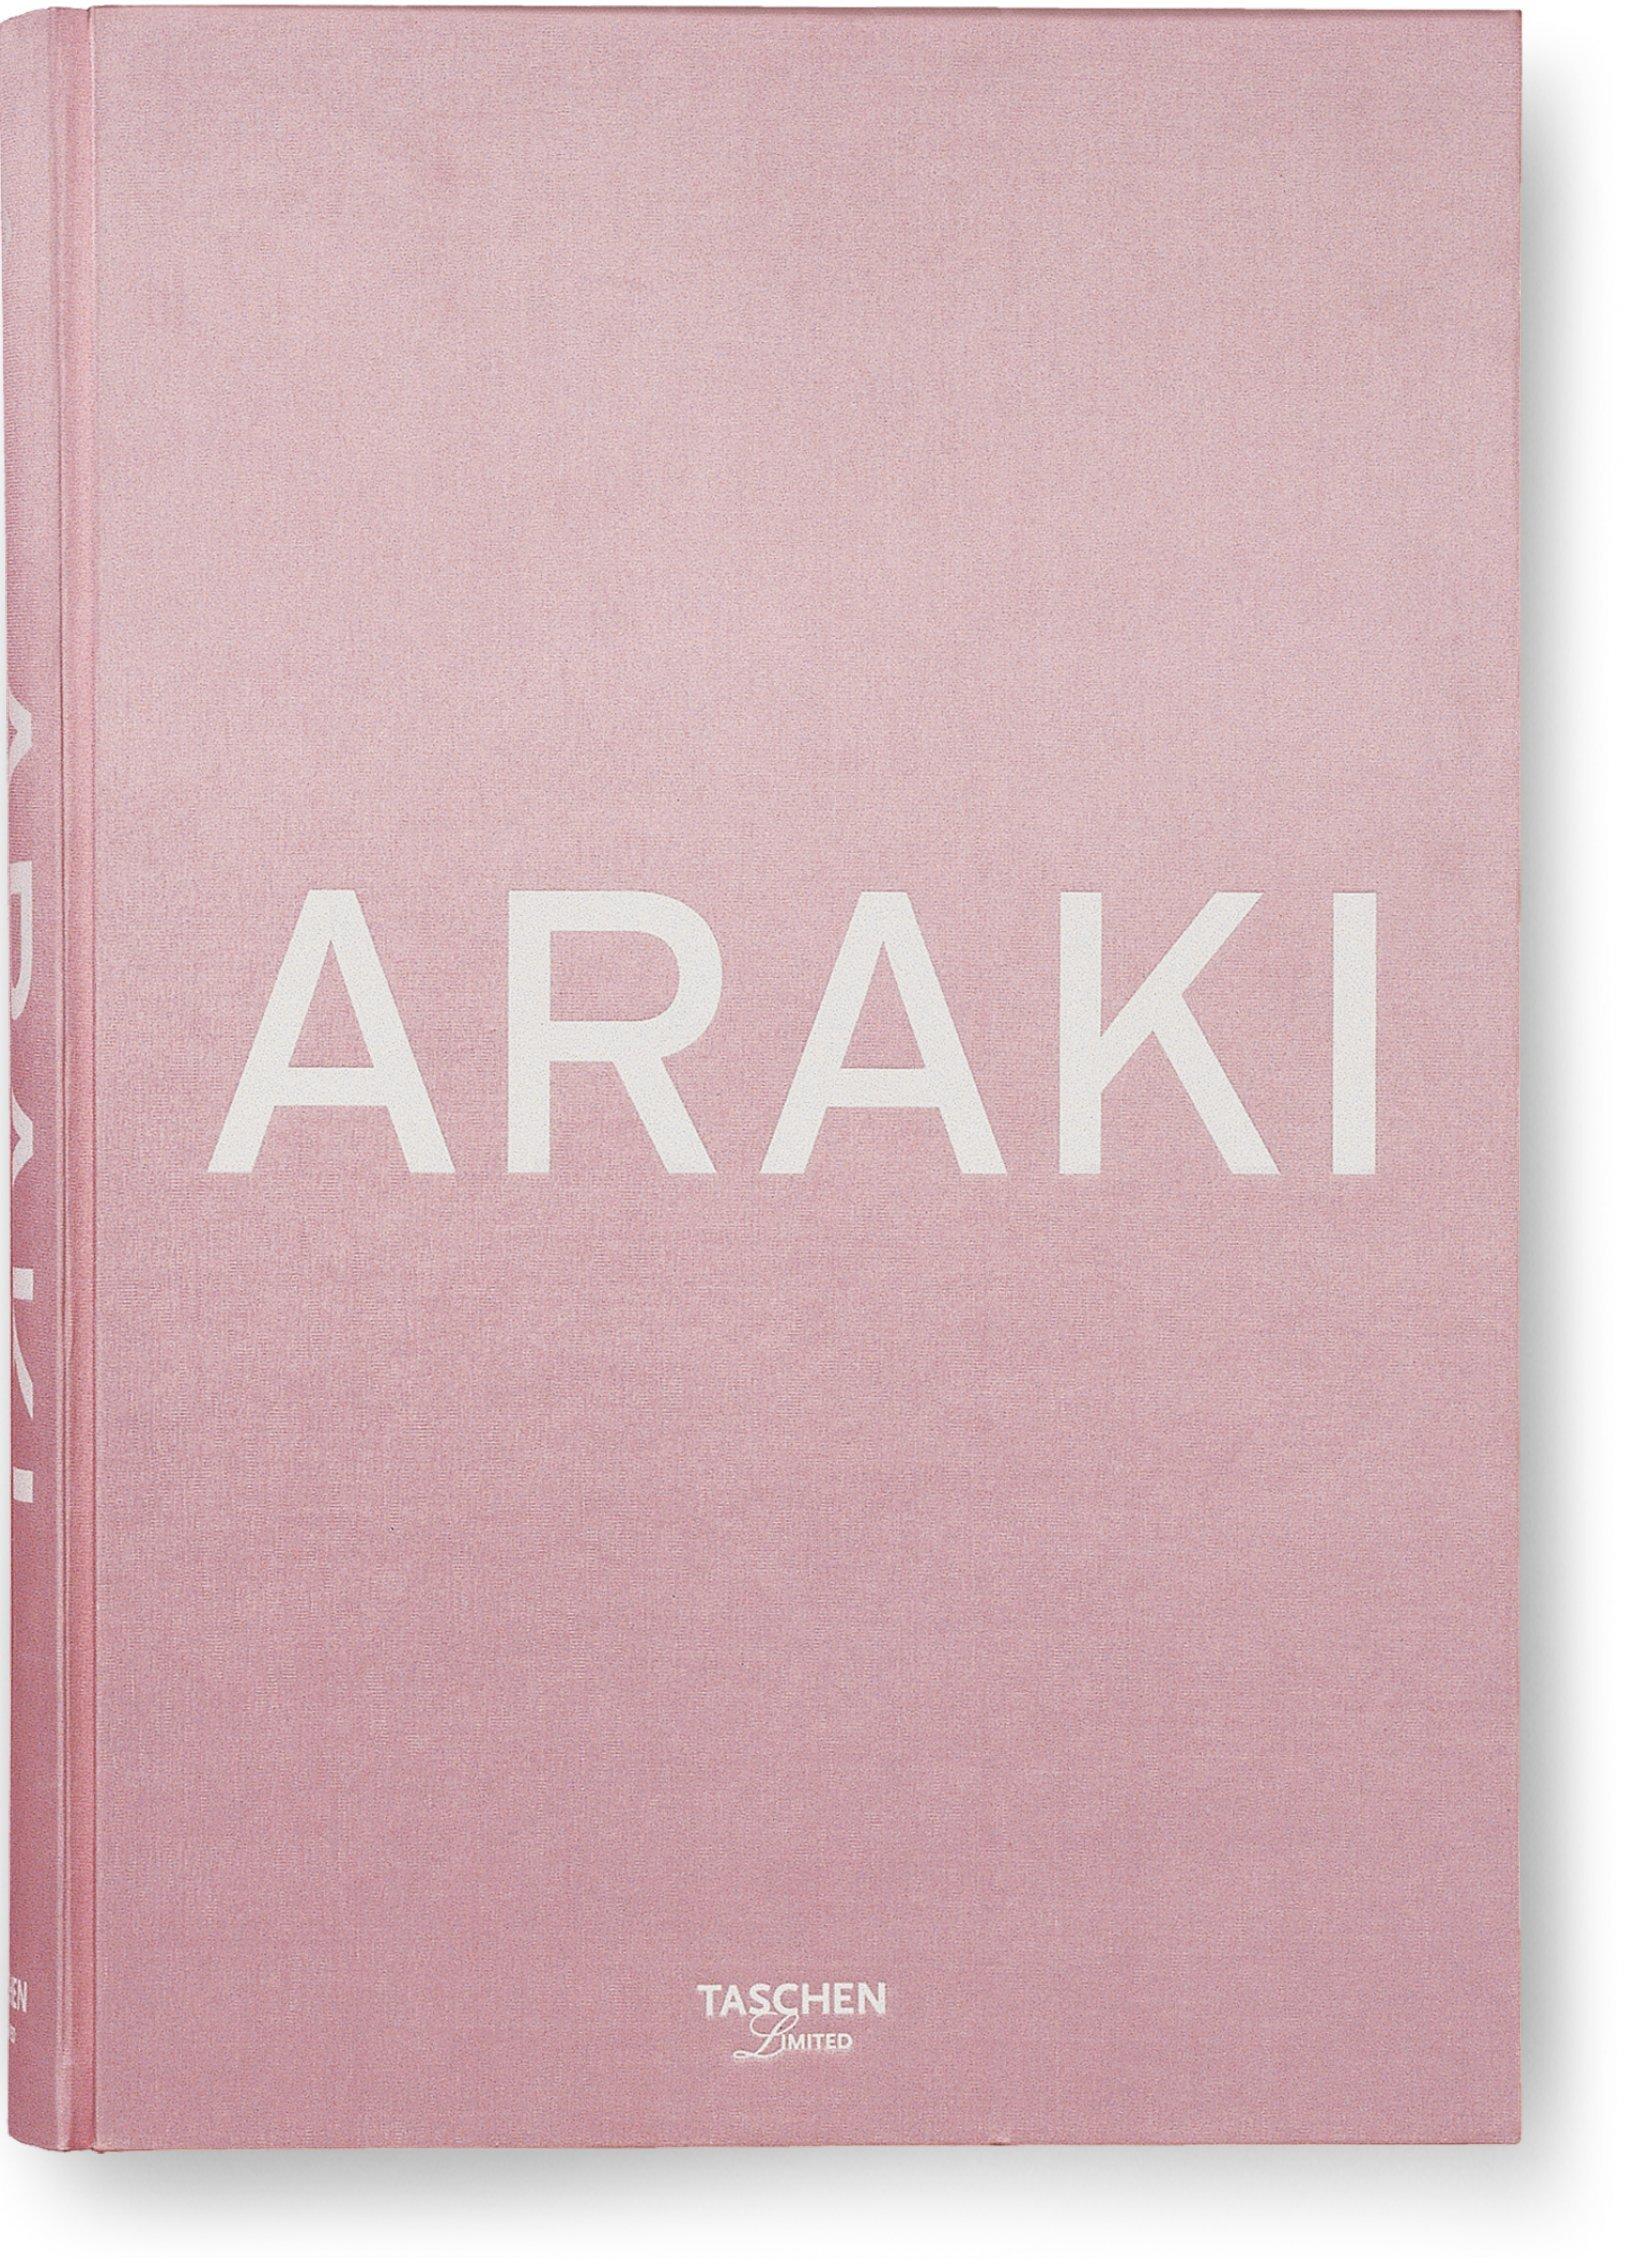 Araki by Nobuyoshi Araki